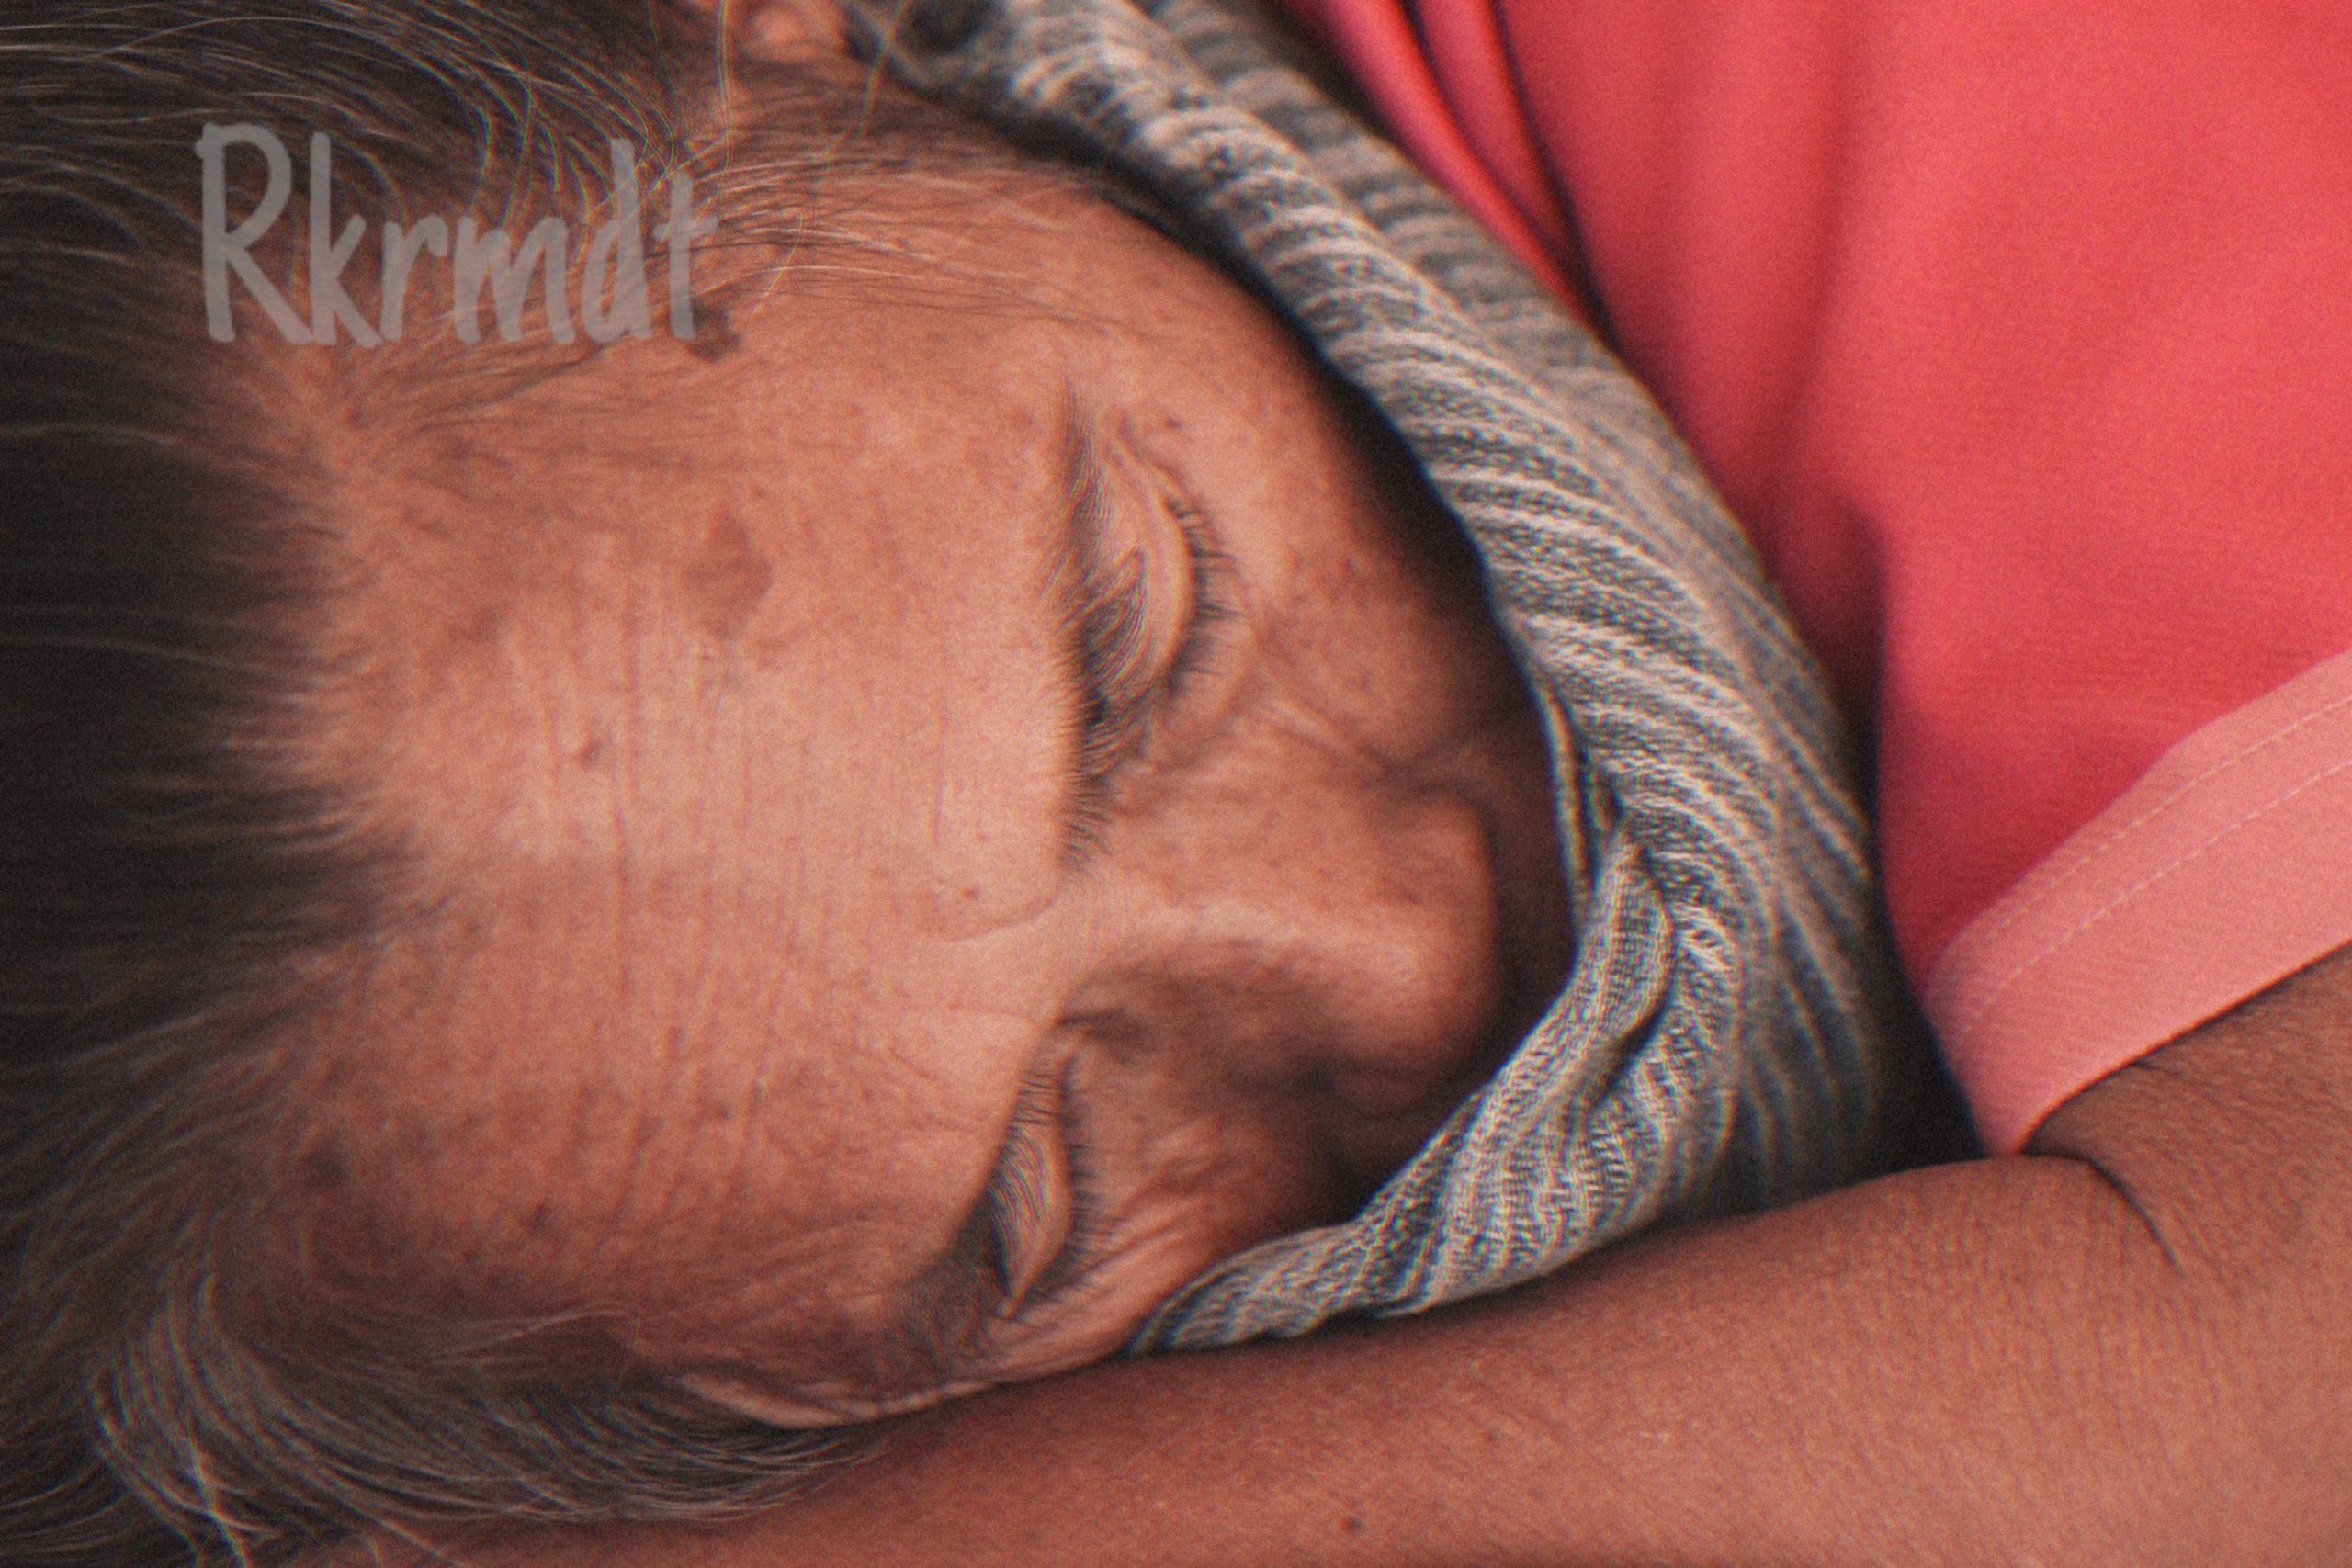 Buruh Gendong Wanita di Pasar Beringharjo